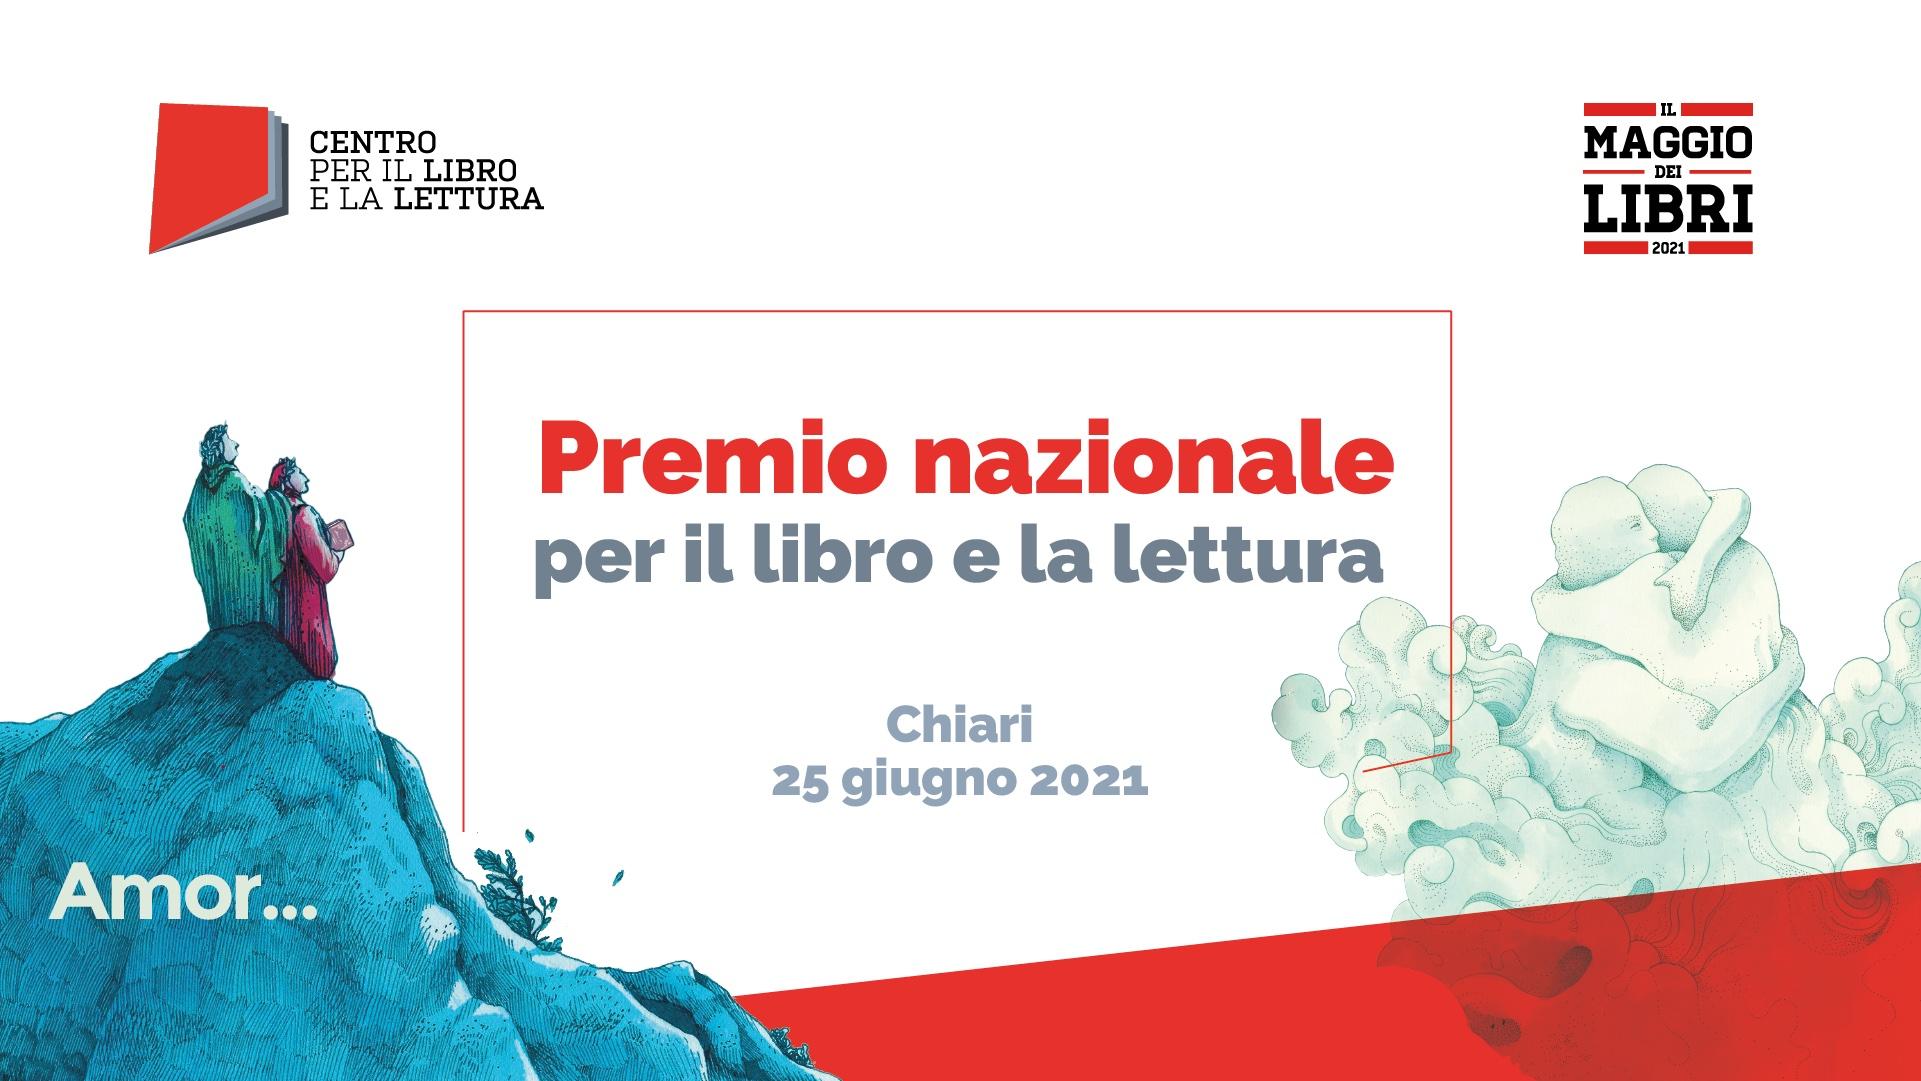 Premio nazionale per il libro e la lettura: il 25 giugno a Chiari la cerimonia di premiazione